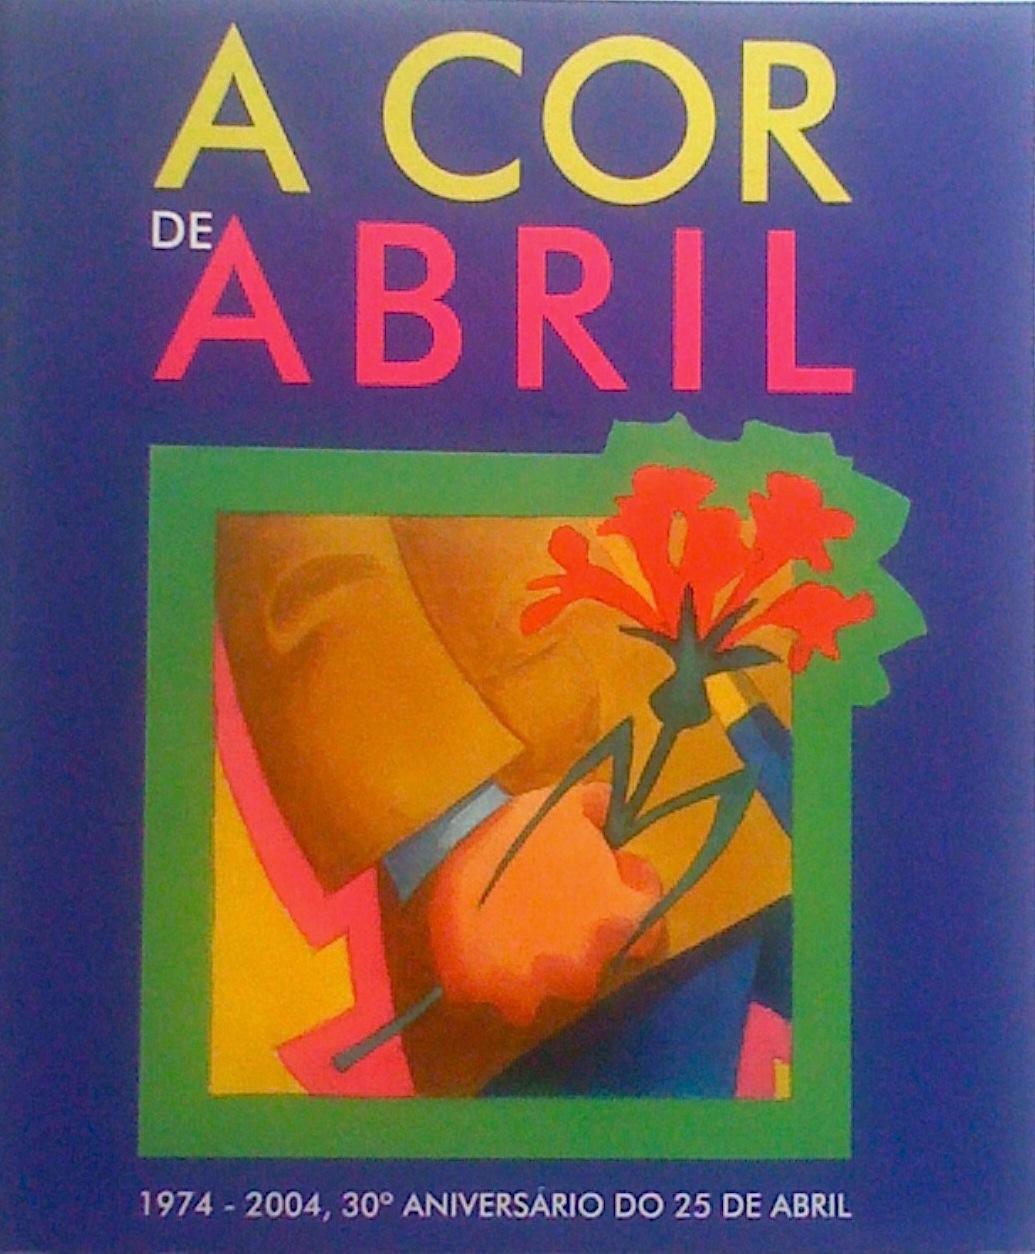 A cor de abril